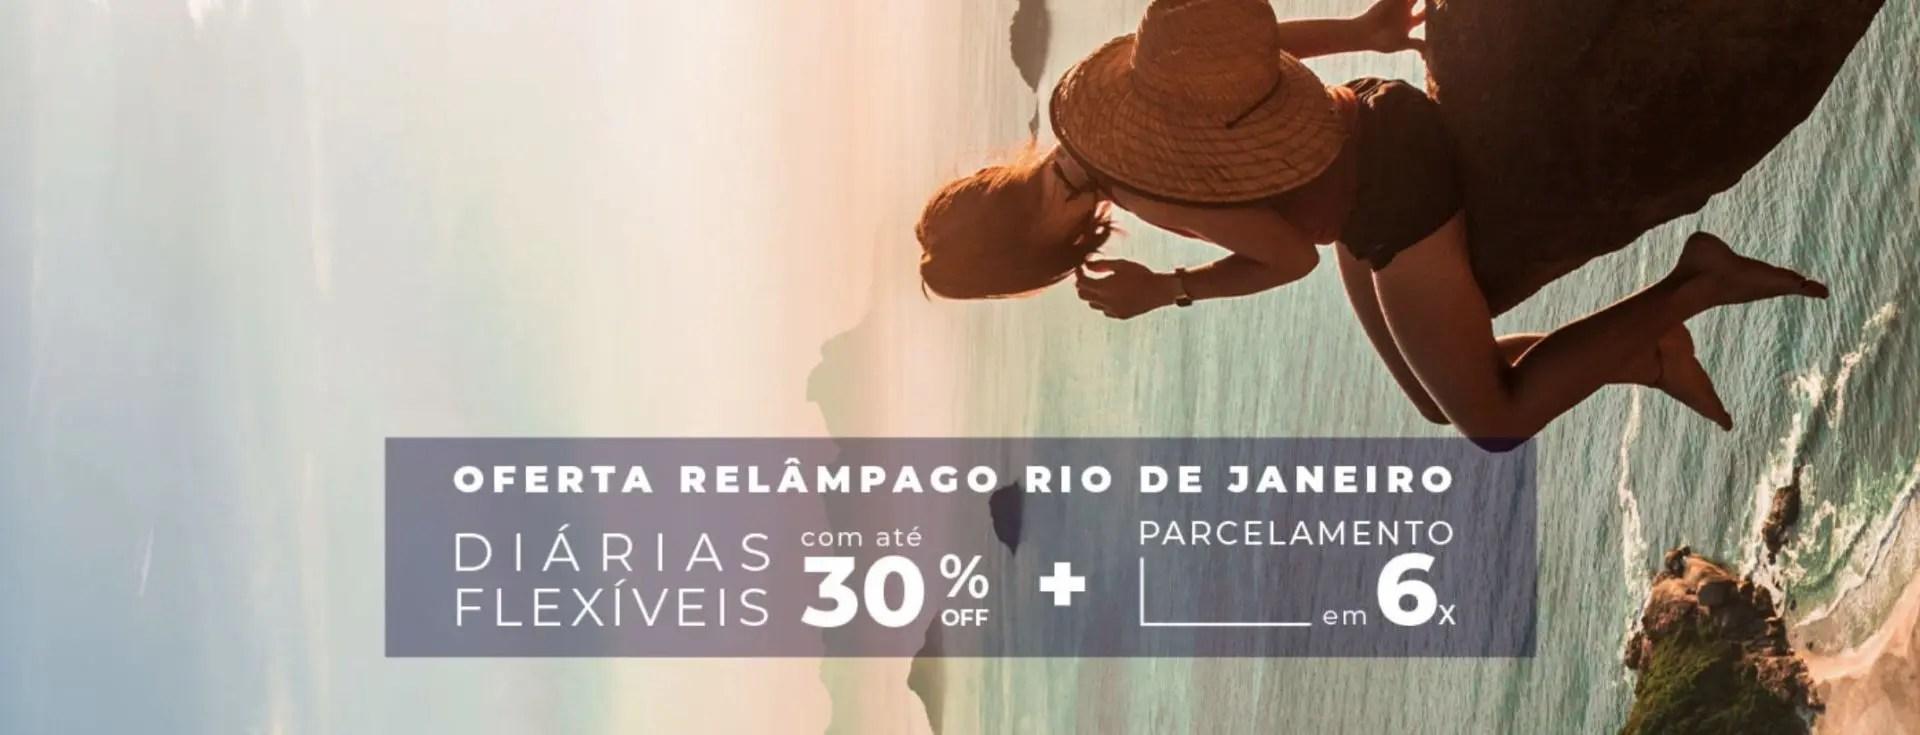 Promoção Accor desconto Rio